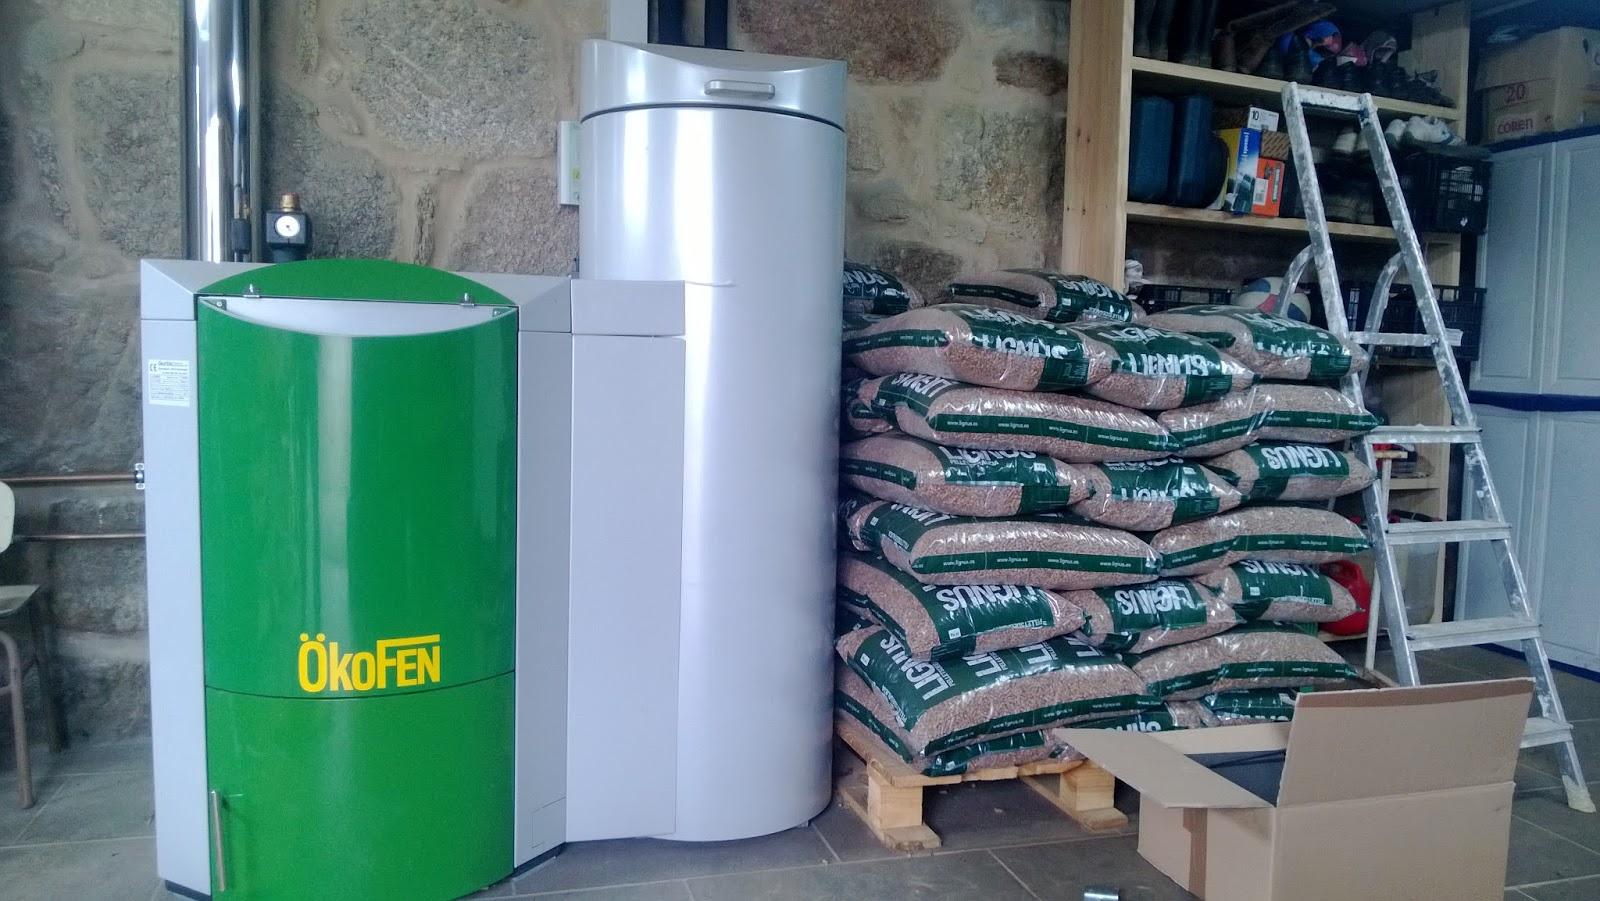 Calderas de pellets kofen especialista europeo en - Calefaccion pellets opiniones ...